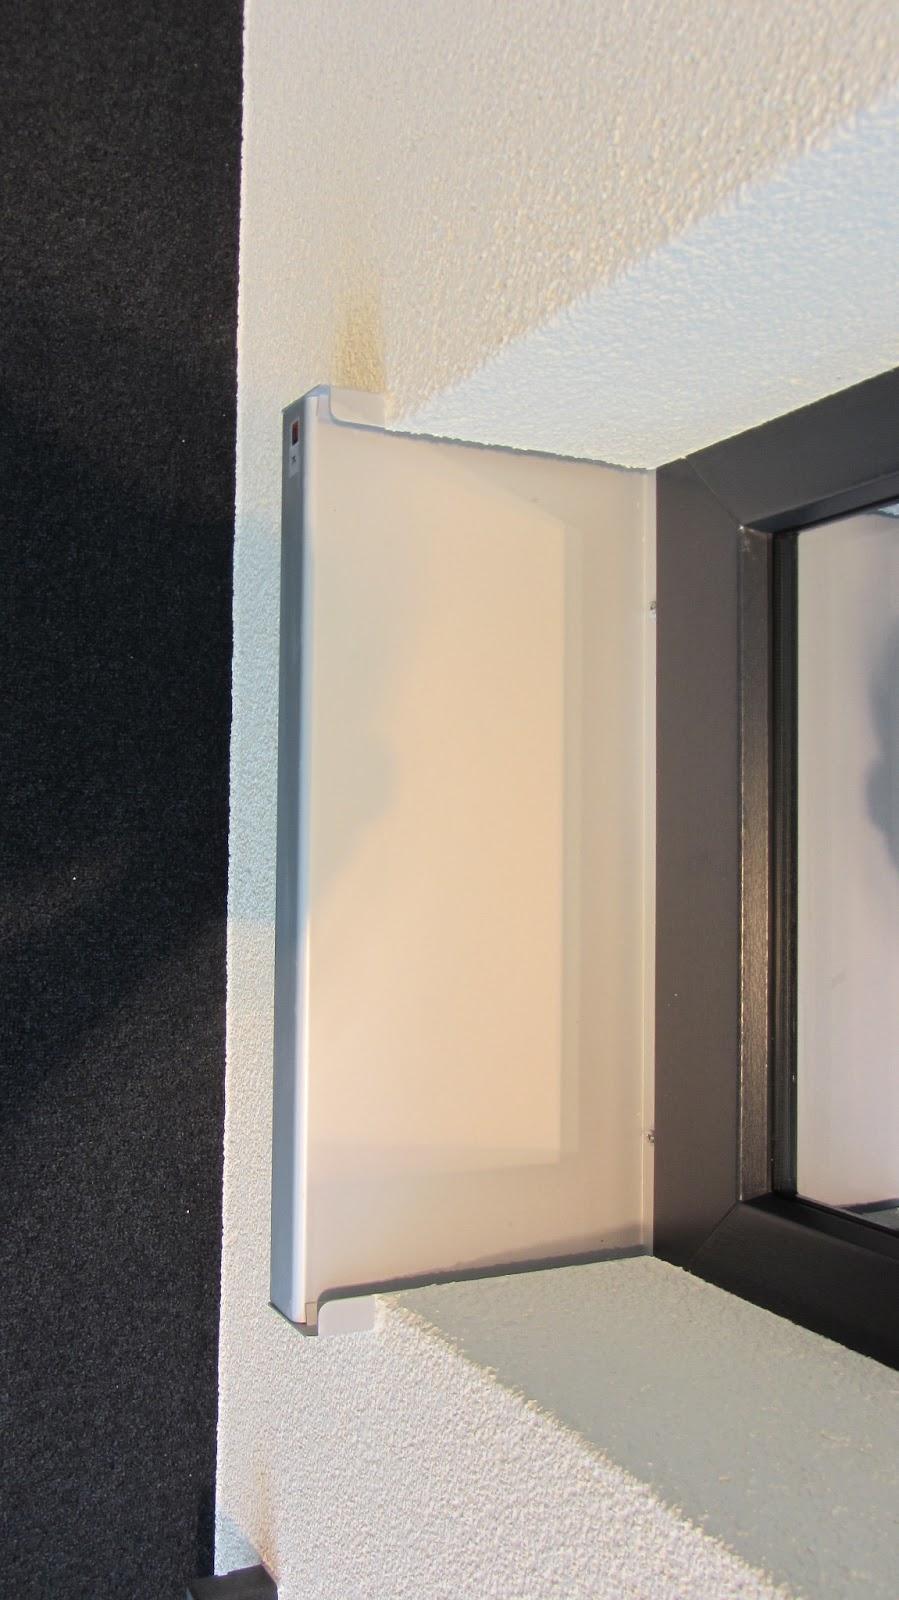 vio421 ein baublog m rz 2013. Black Bedroom Furniture Sets. Home Design Ideas